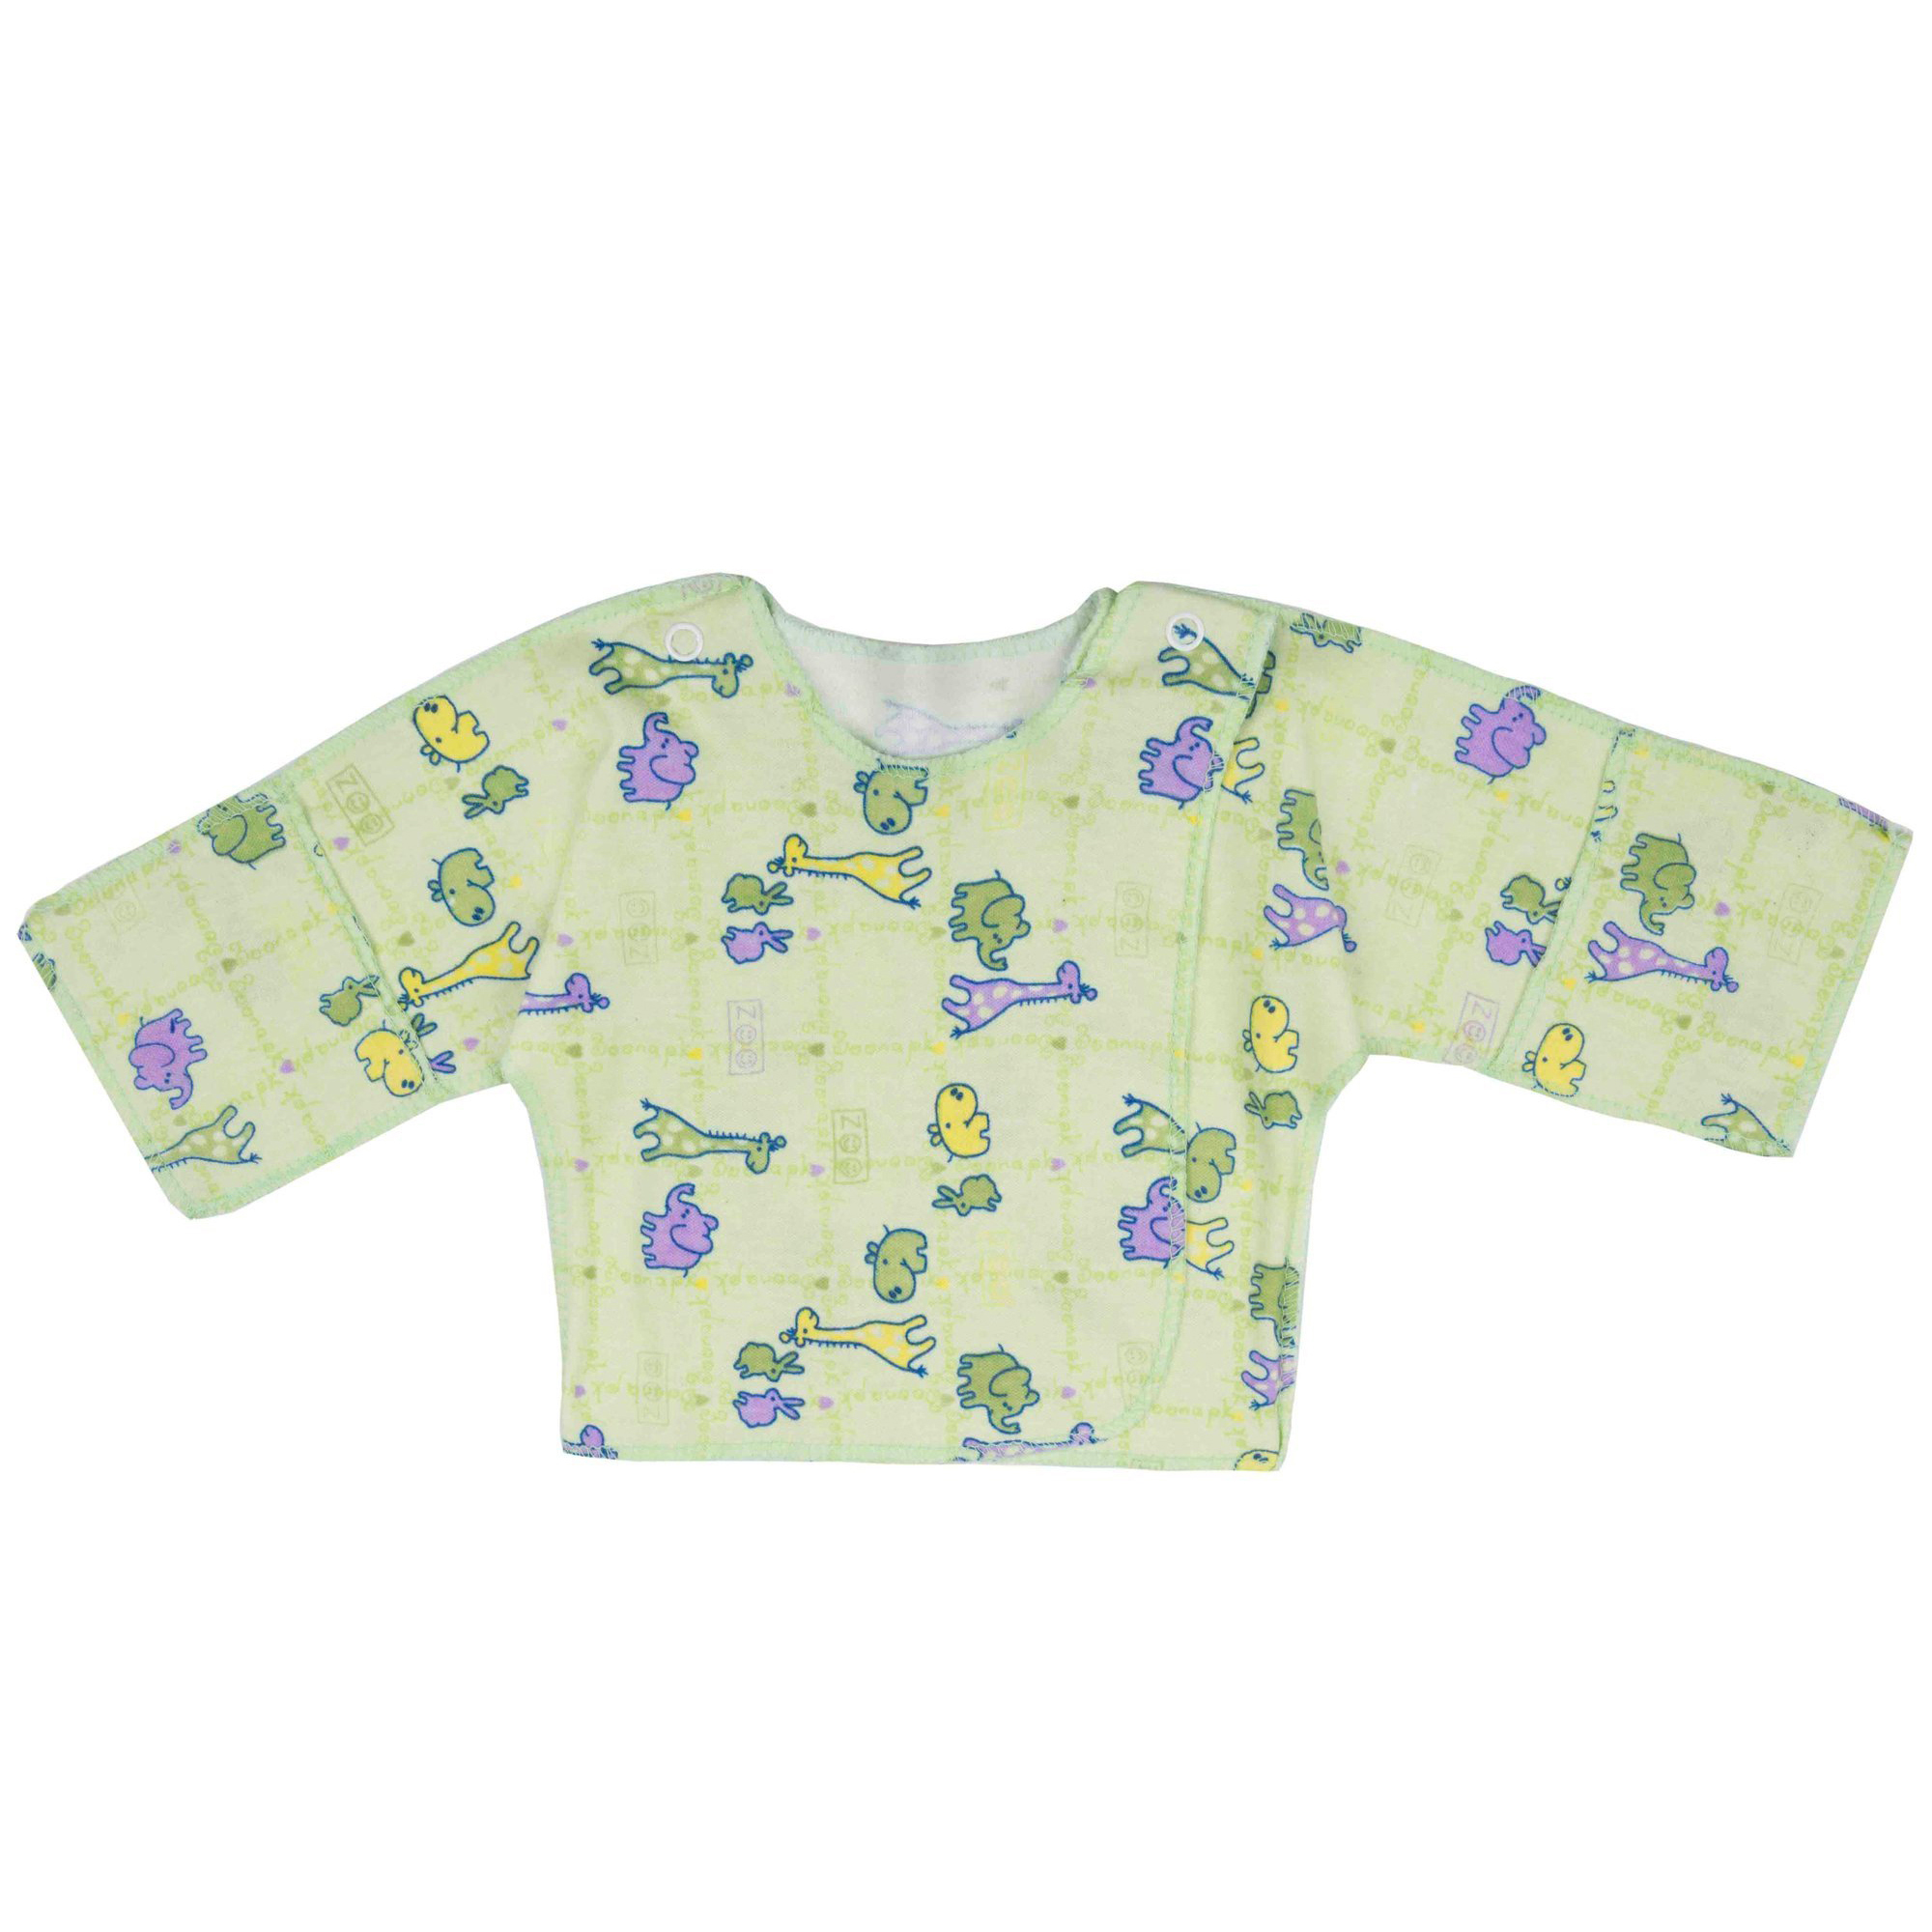 Агат детская одежда